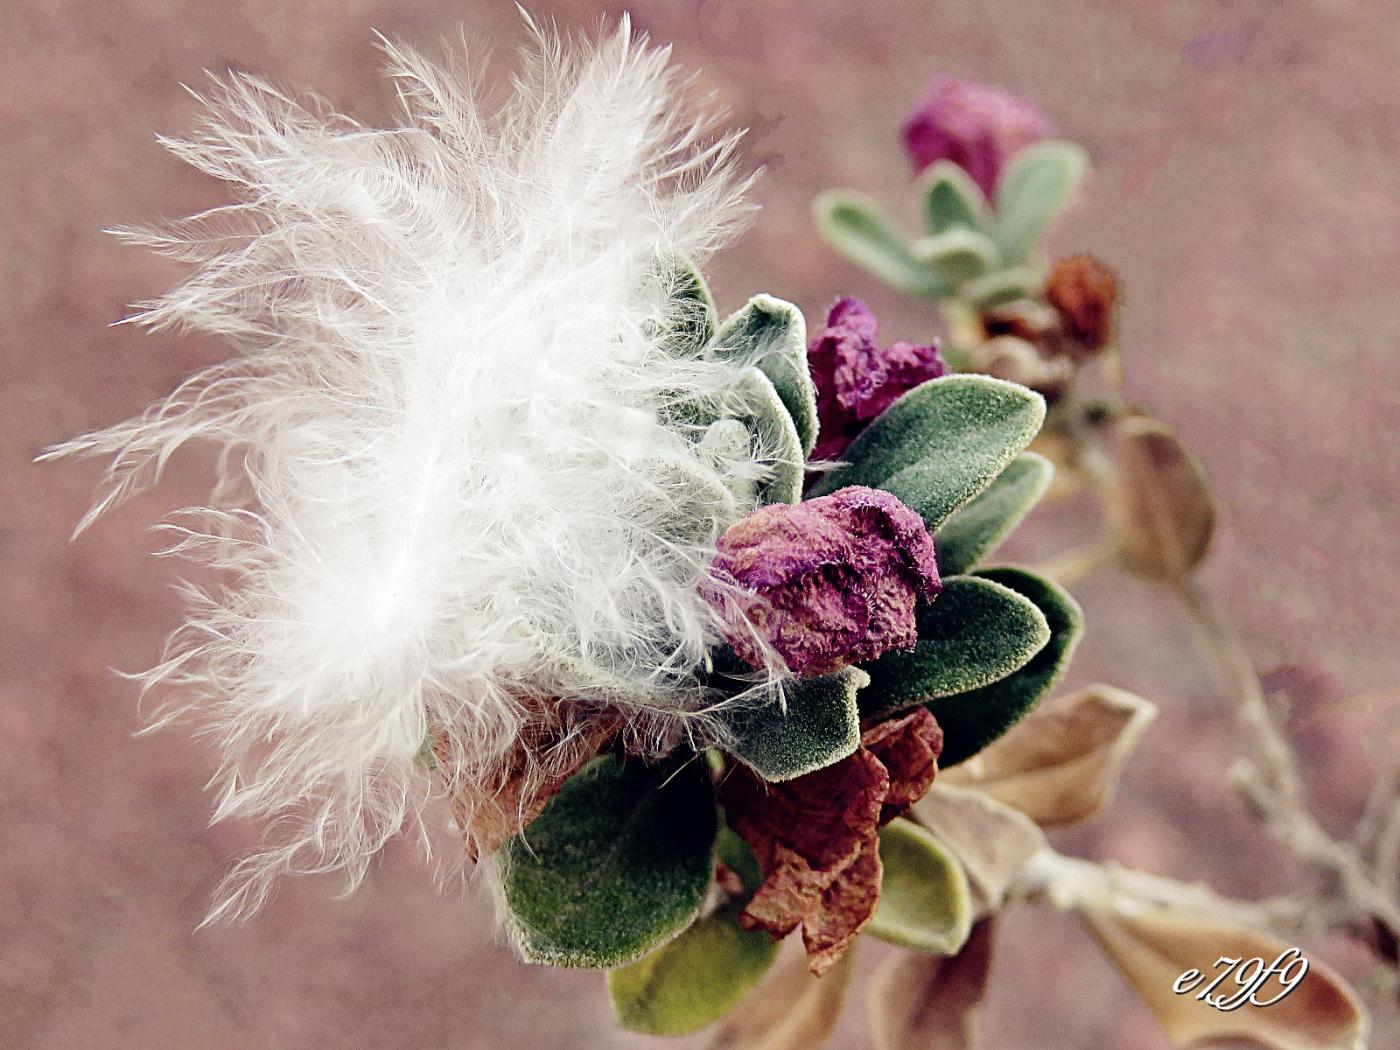 【晓鸣摄影】花卉植物49作展+独创简诗对照谱_图1-29